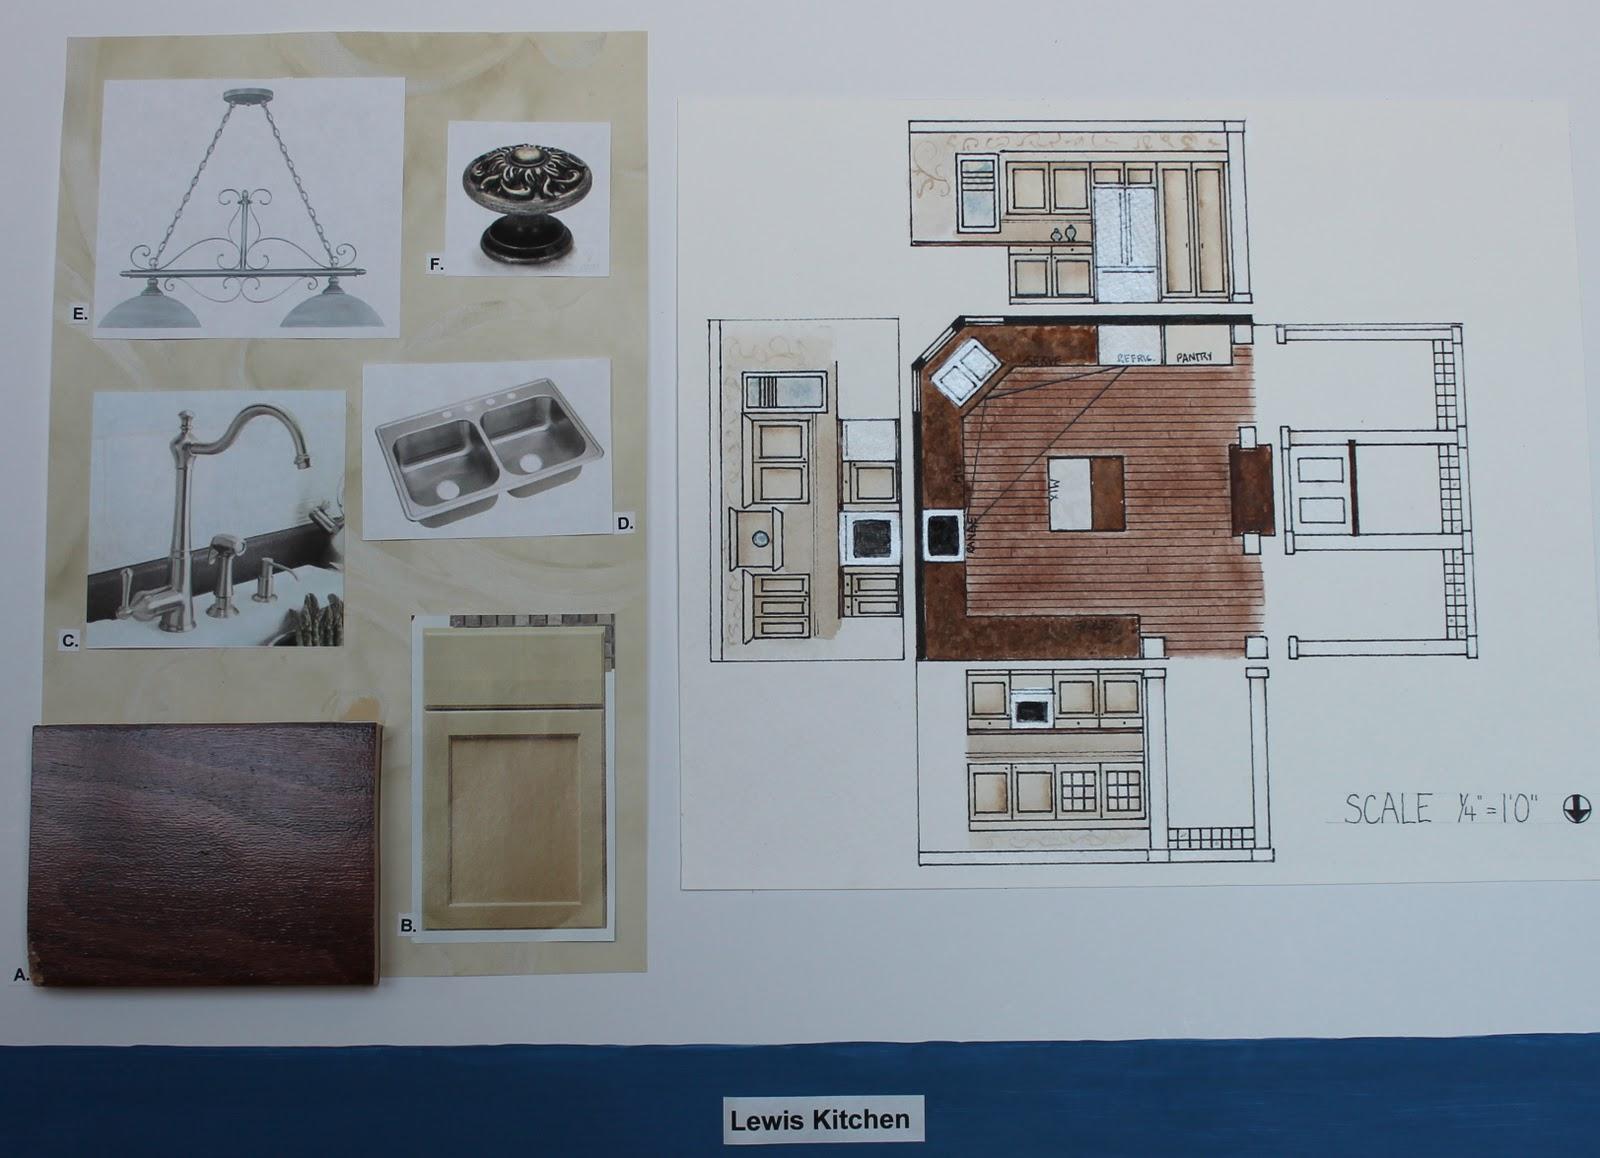 Materials Used For Interior Design - Interior design materials